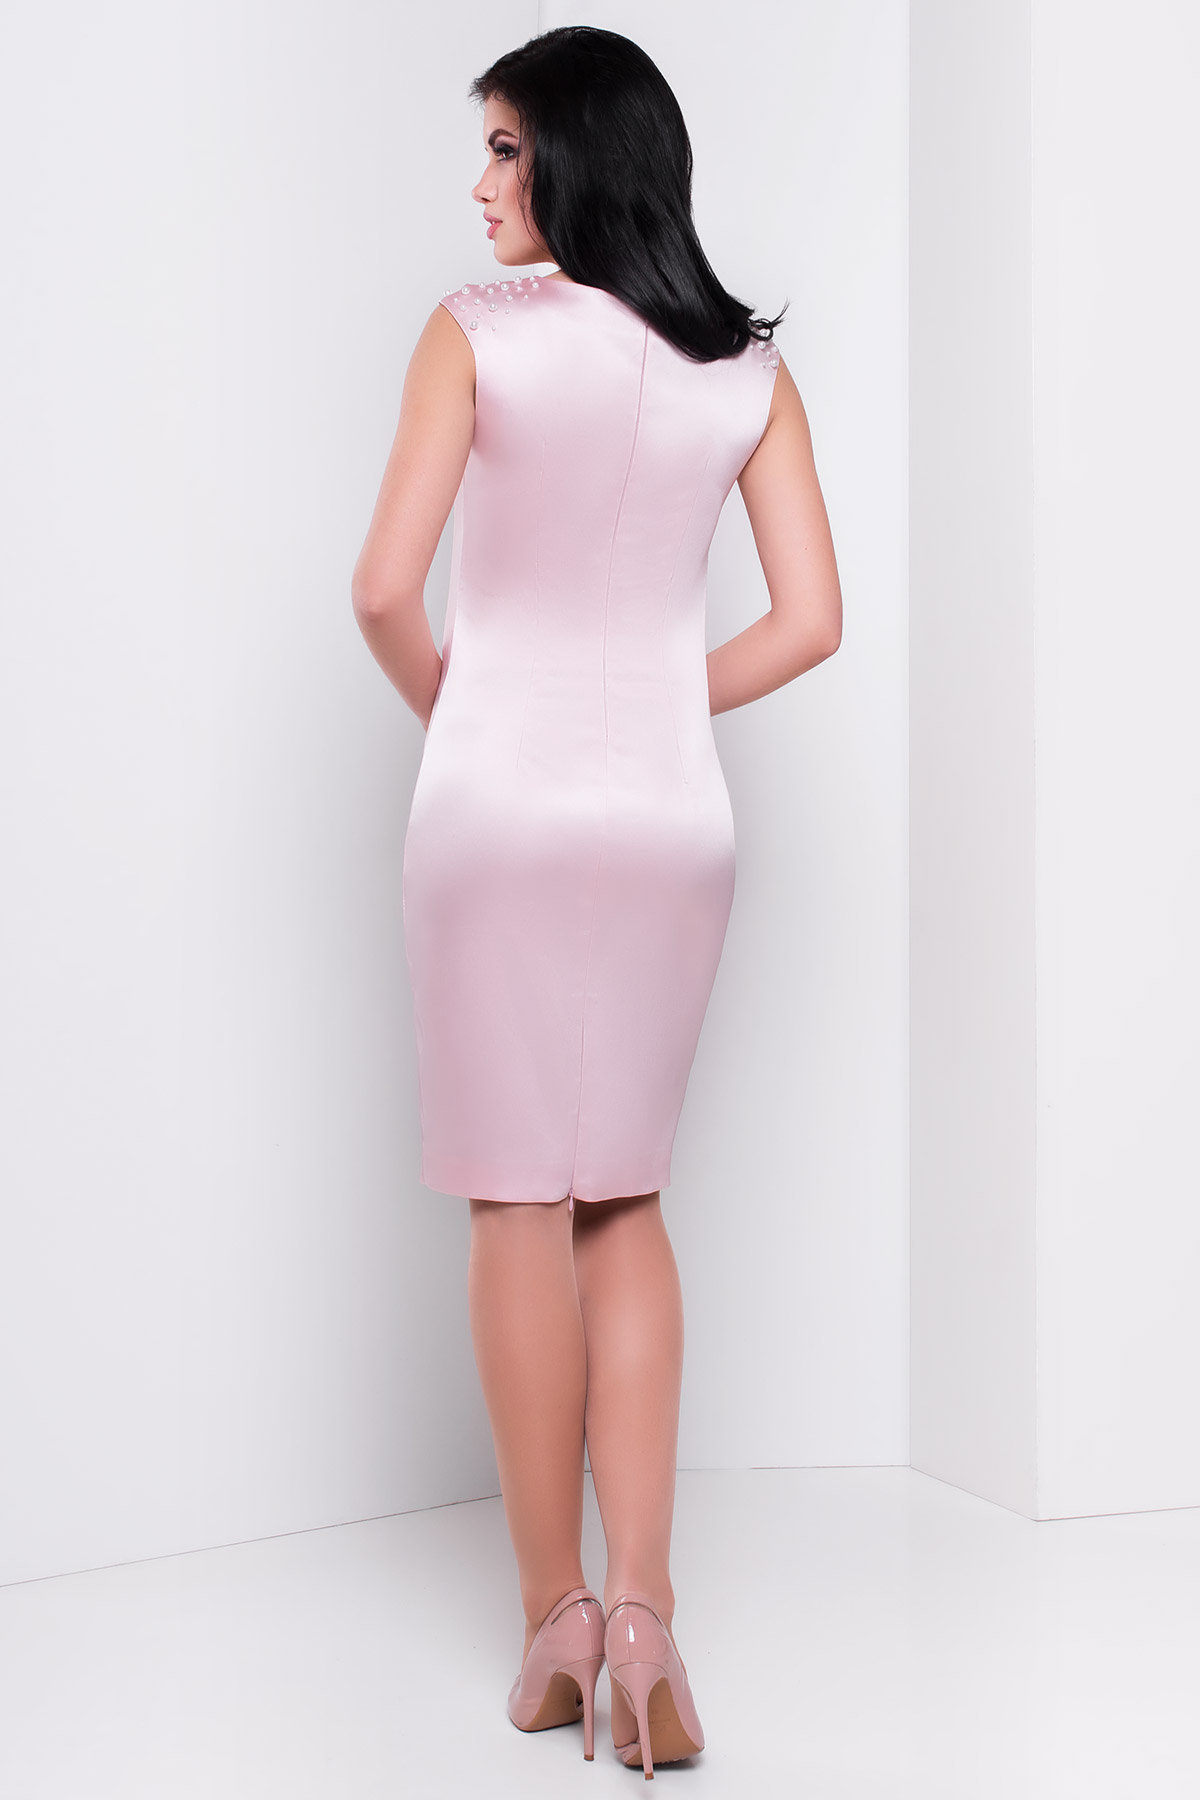 Платье Дарина 2964 АРТ. 15459 Цвет: Розовый - фото 2, интернет магазин tm-modus.ru